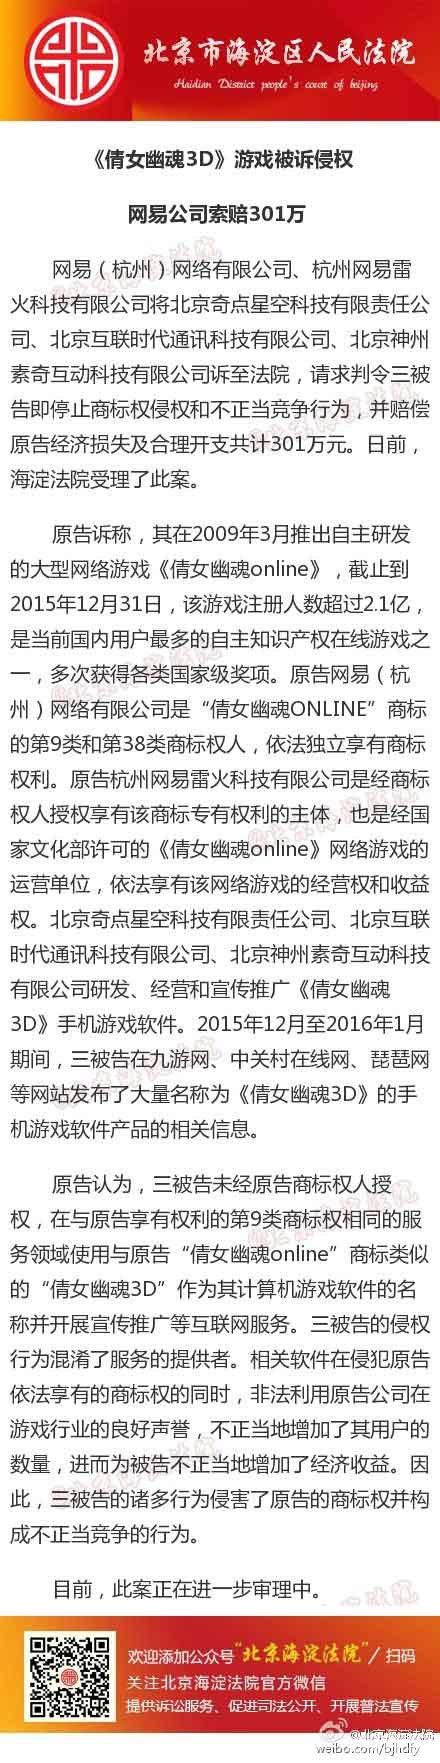 北京海淀法院微博公告